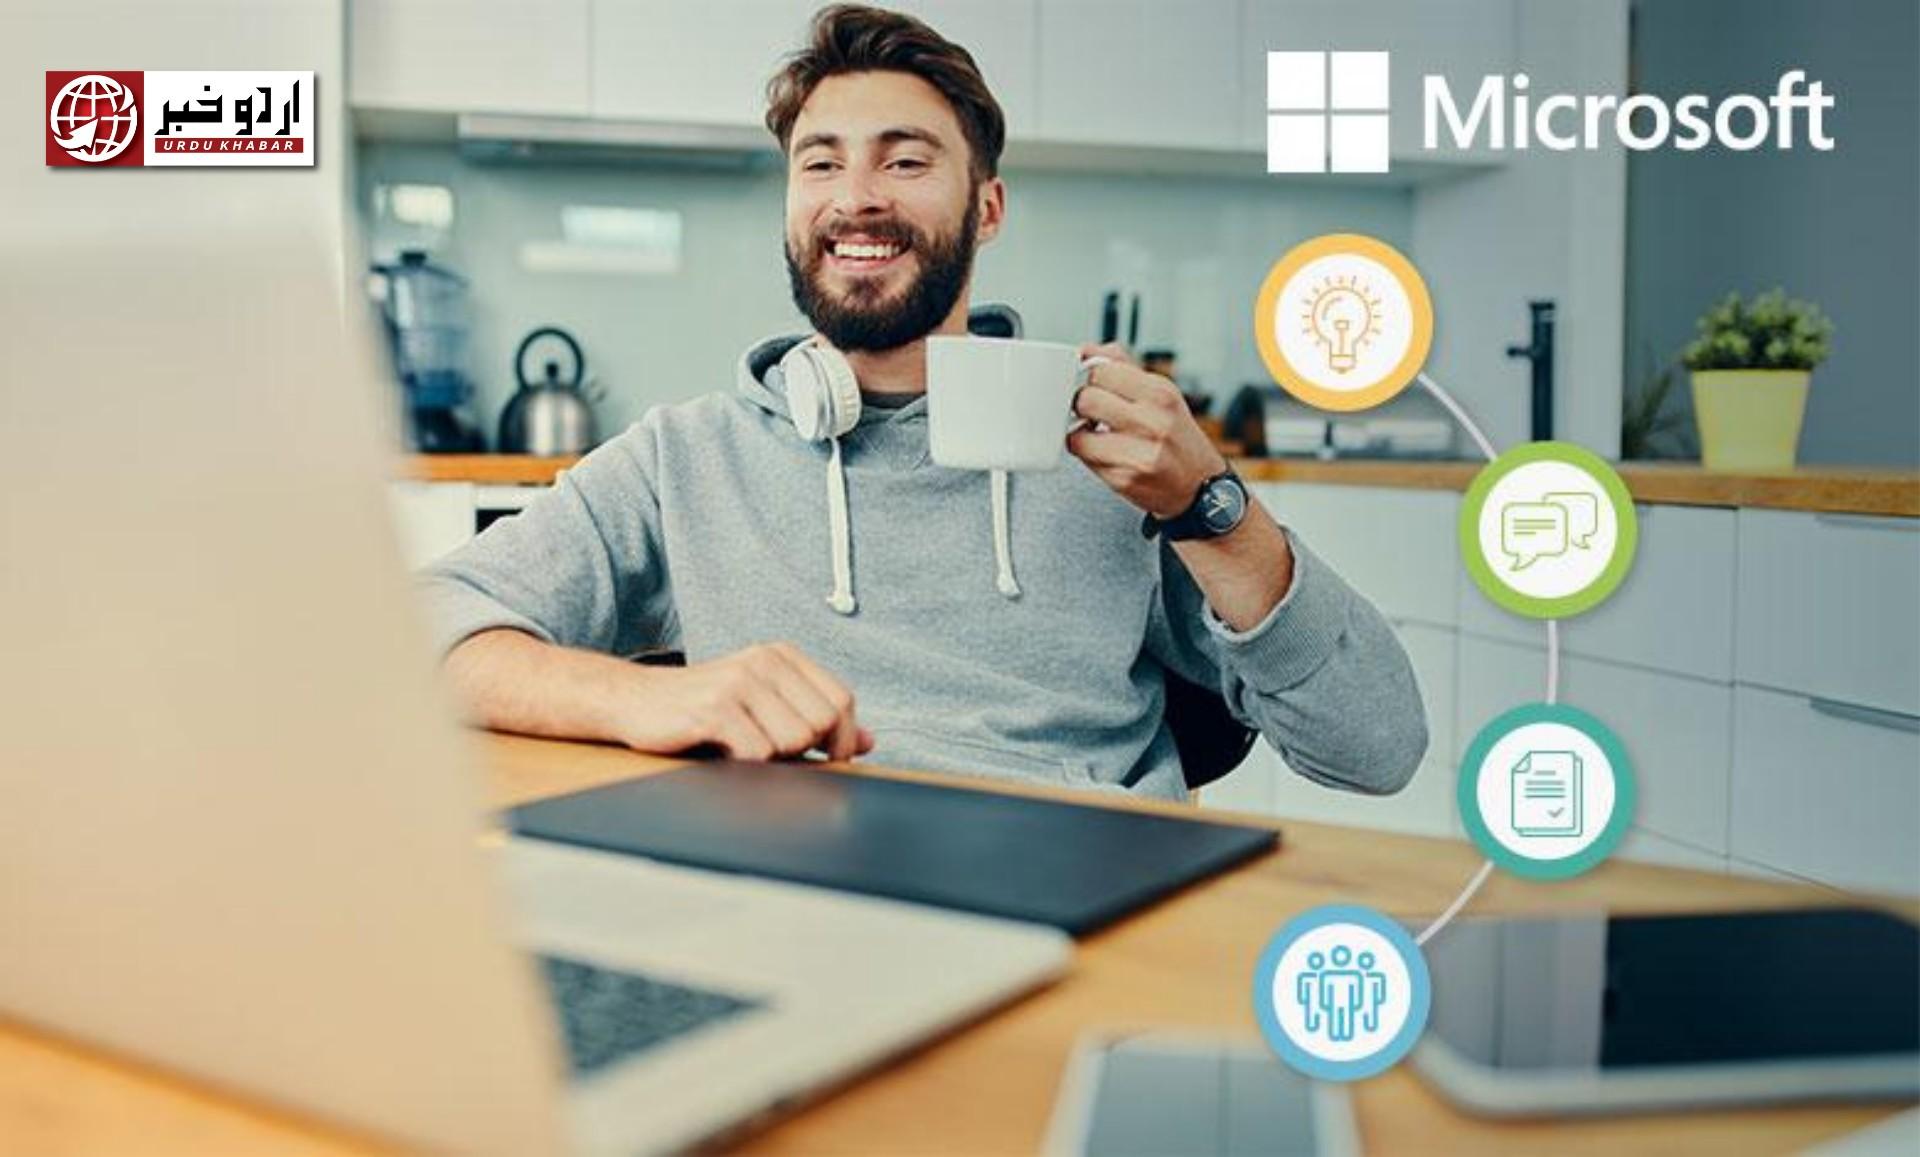 مائیکروسافٹ اپنے ورکرز کو مستقل طور پر گھر سے کام کرنے کی اجازت دے سکتا  ہے